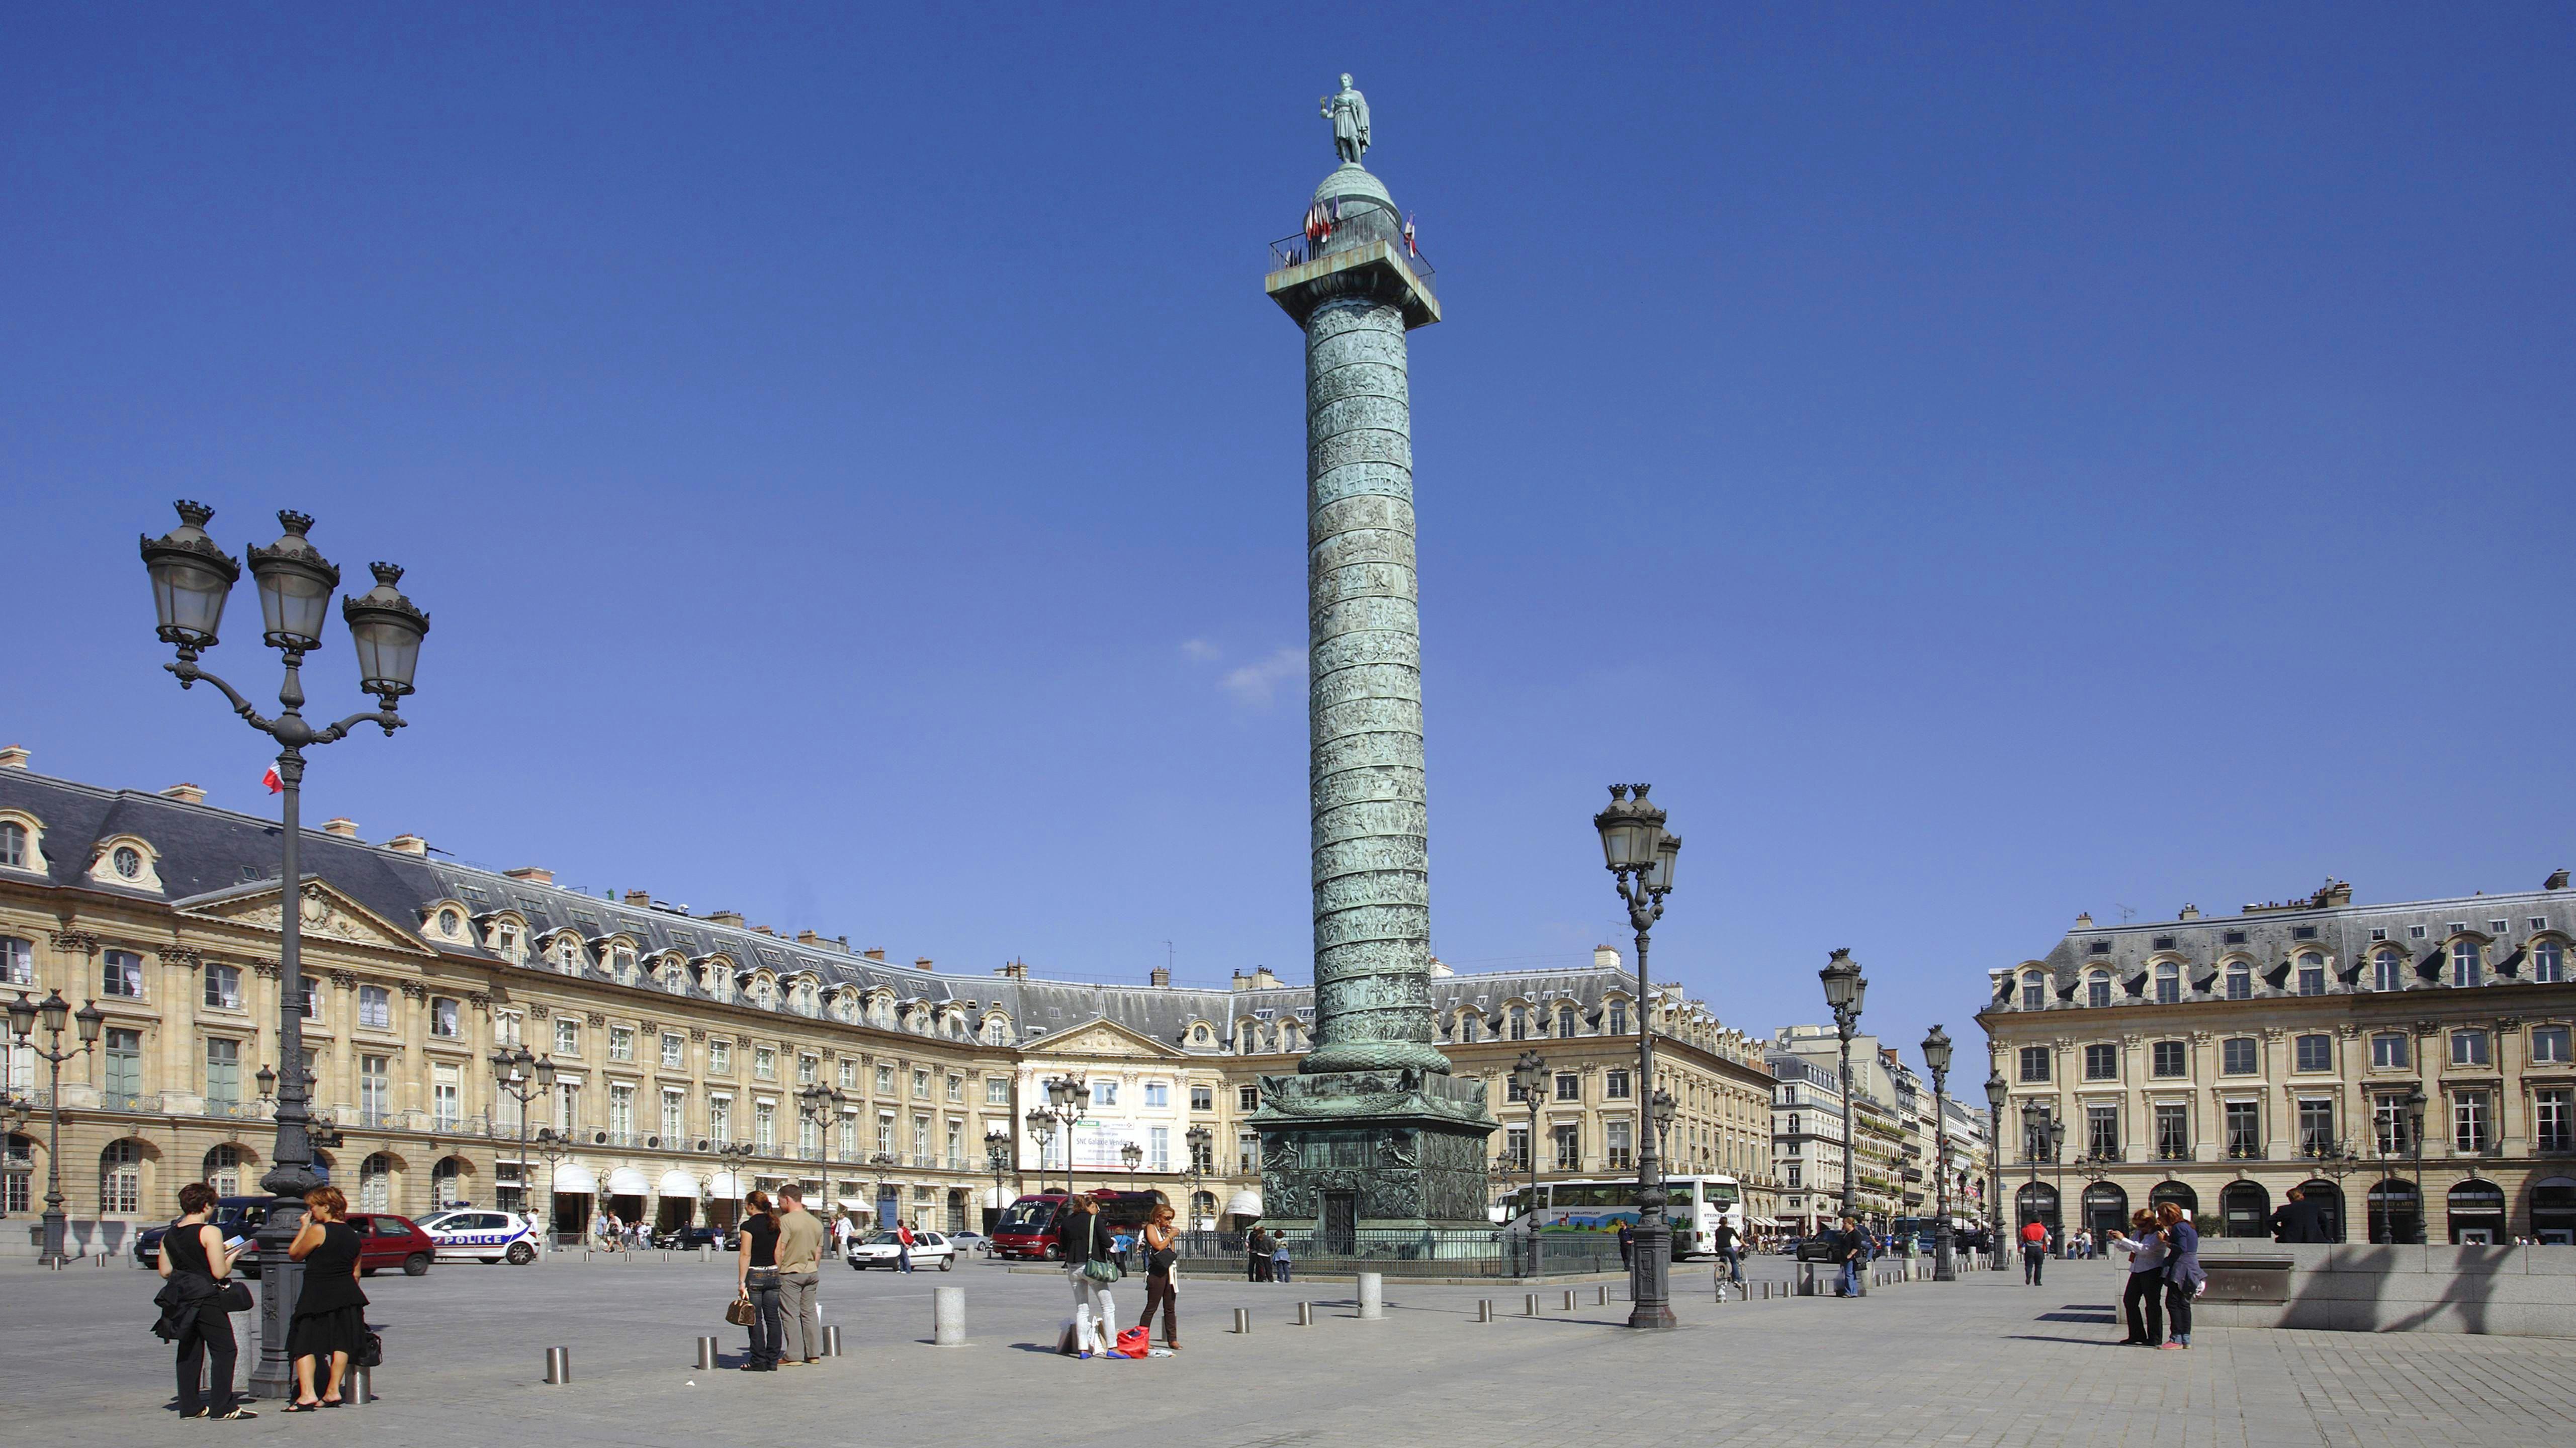 Die Roadshow der Salzburger Festspiele in Paris an exquisitem Ort, direkt am noblen Place Vendôme.